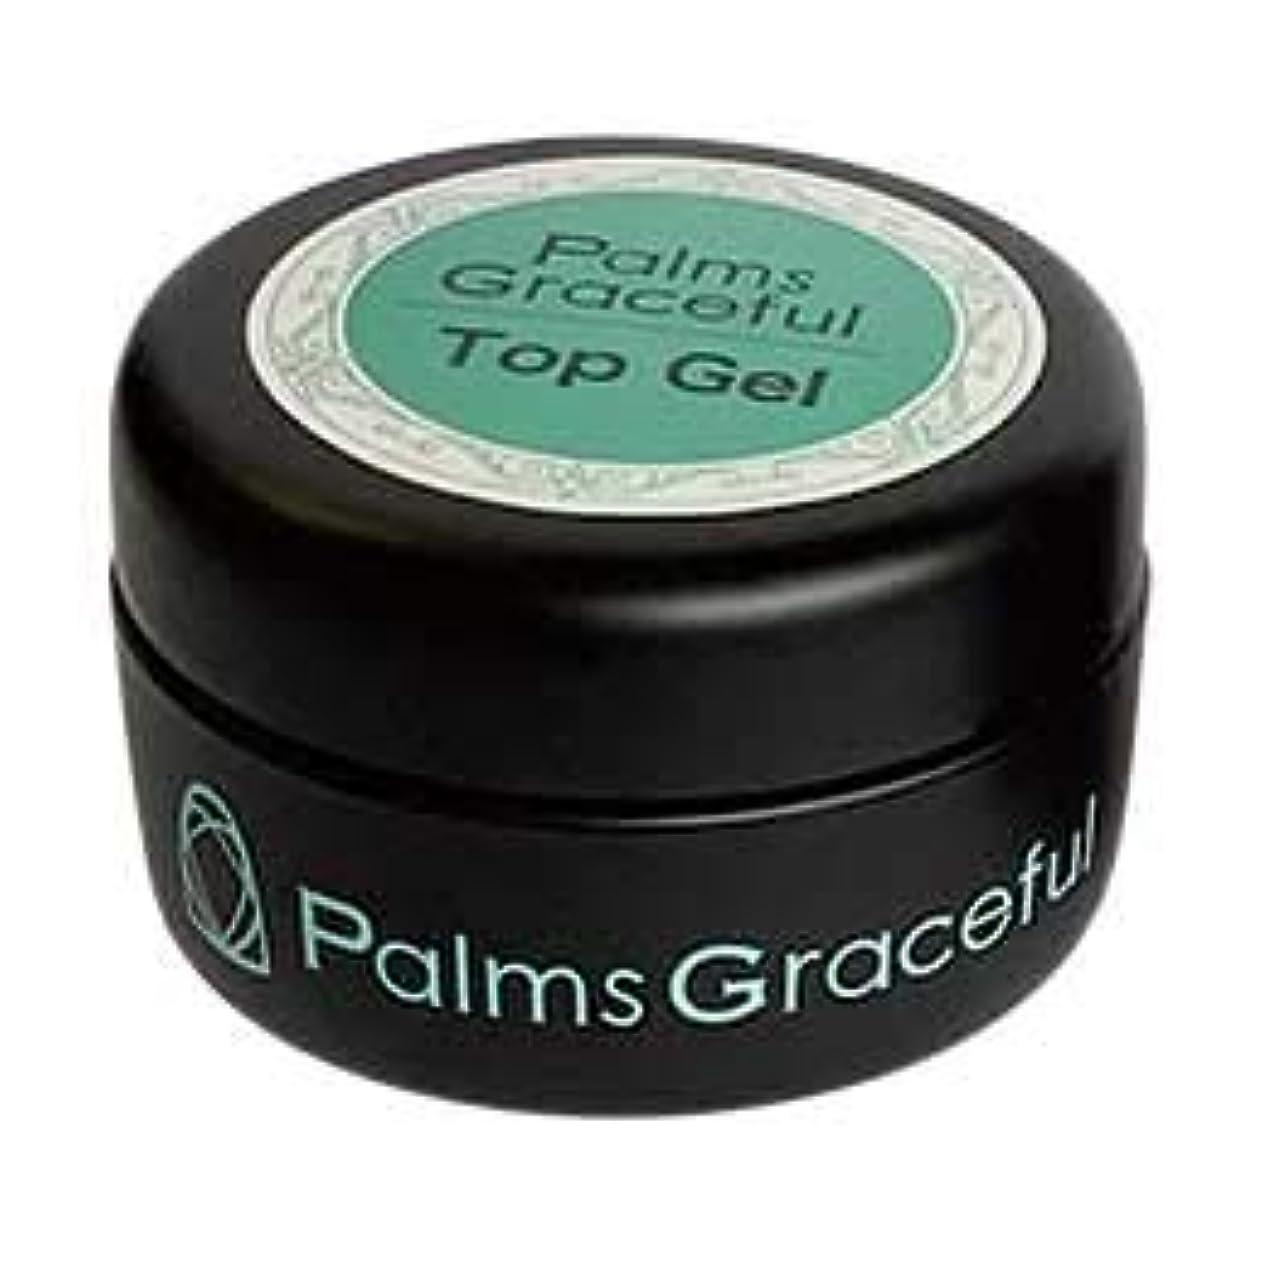 定義うまサイクルPalms Graceful トップジェル 25g